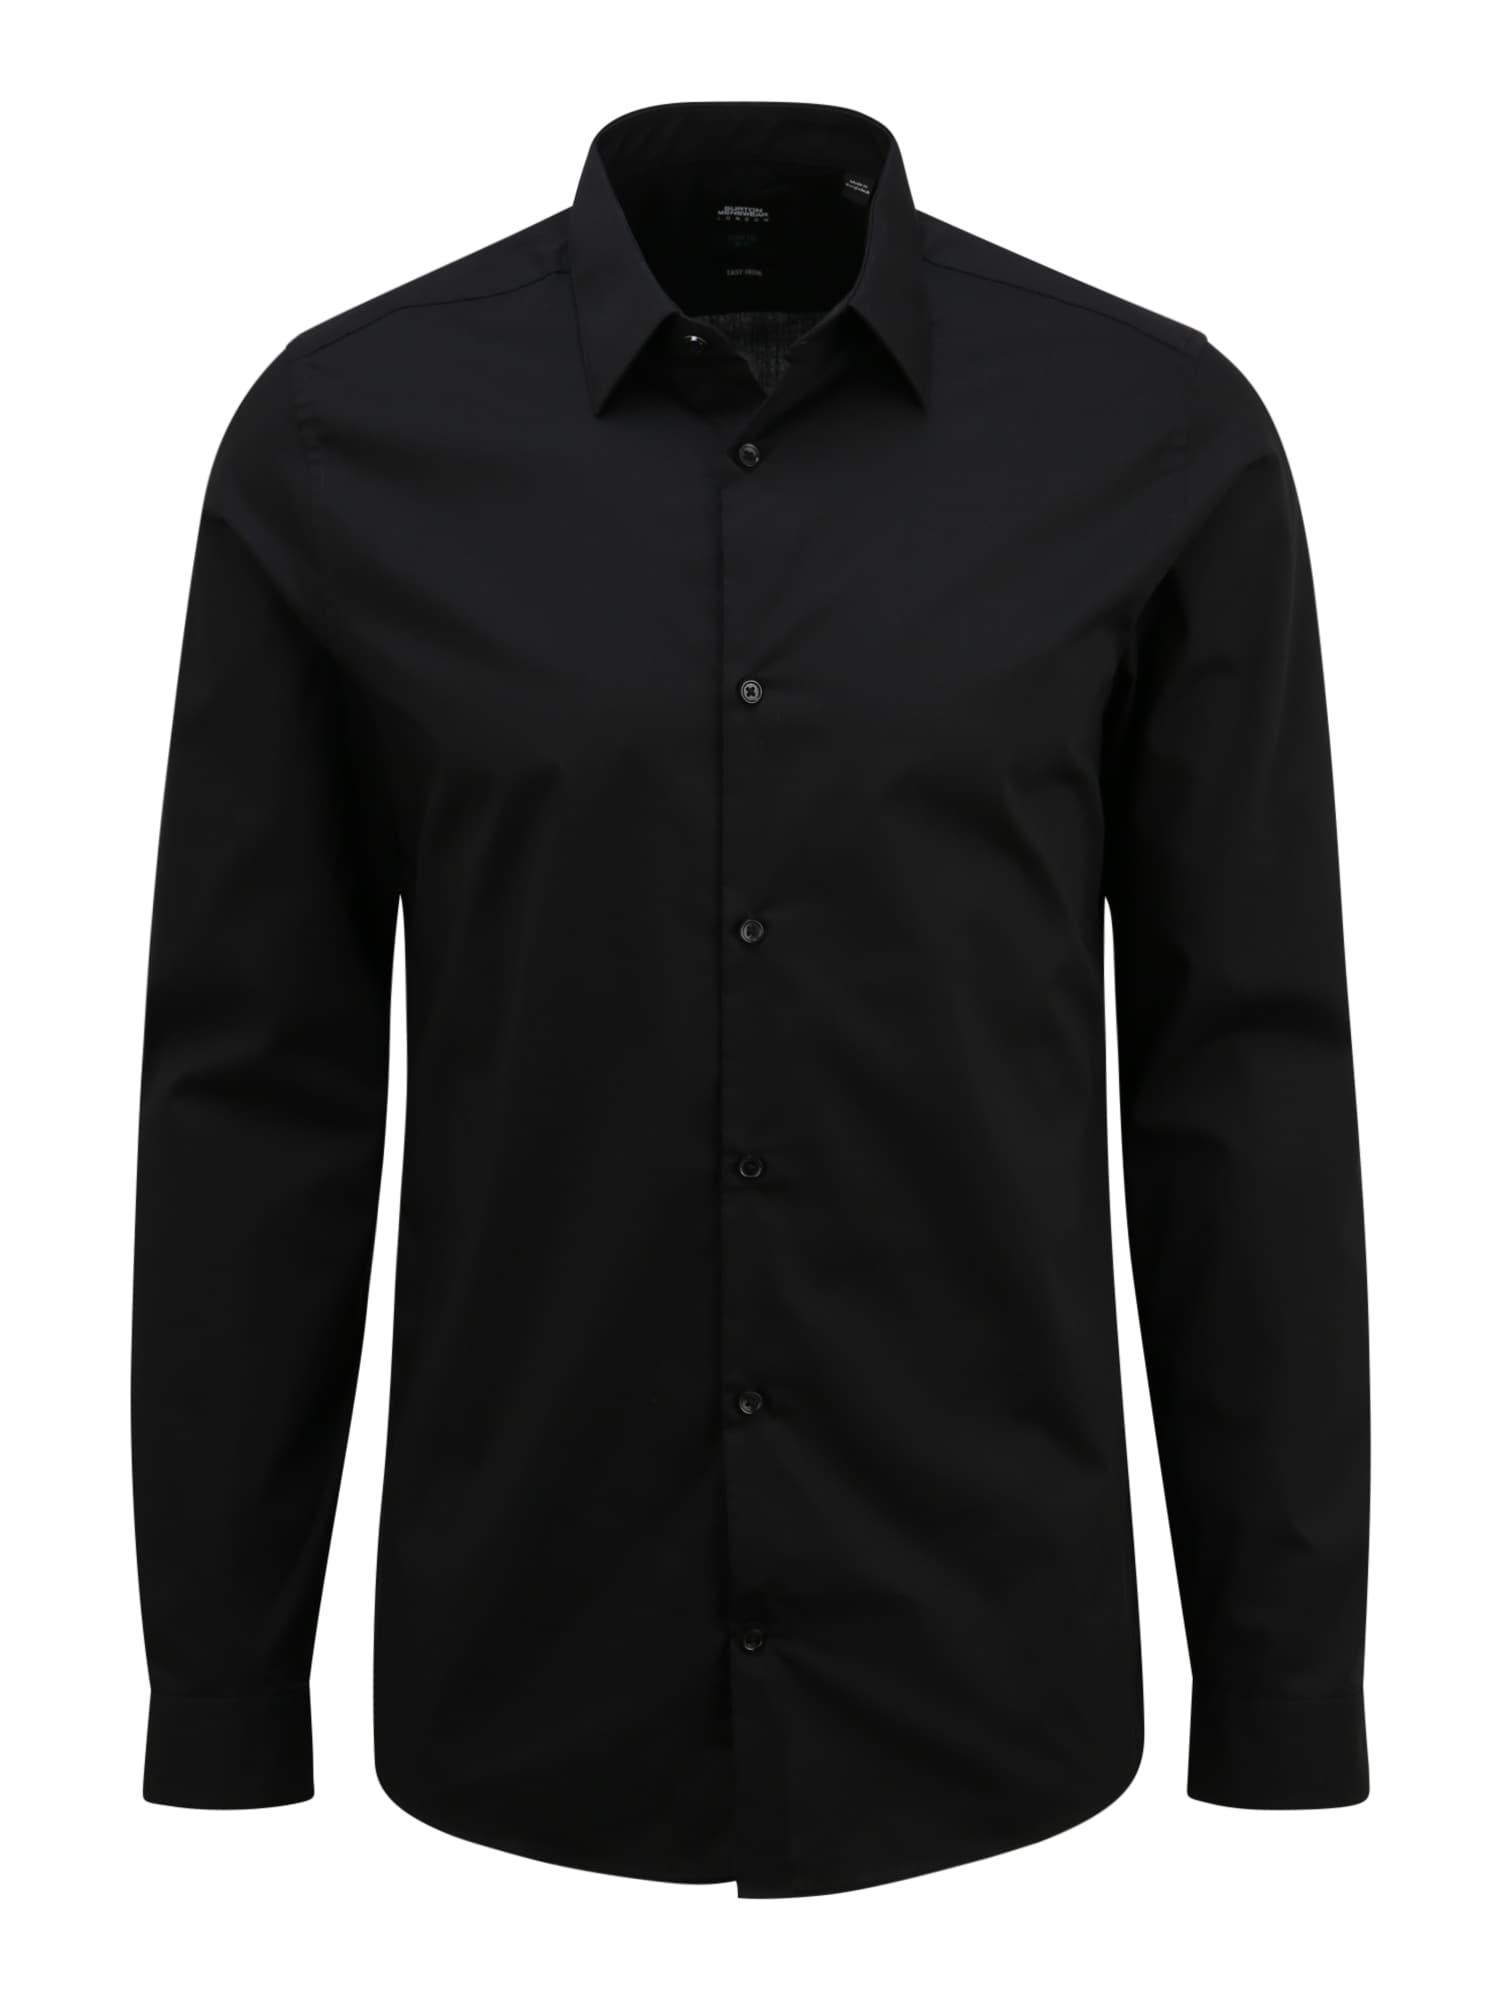 BURTON MENSWEAR LONDON (Big & Tall) Marškiniai juoda